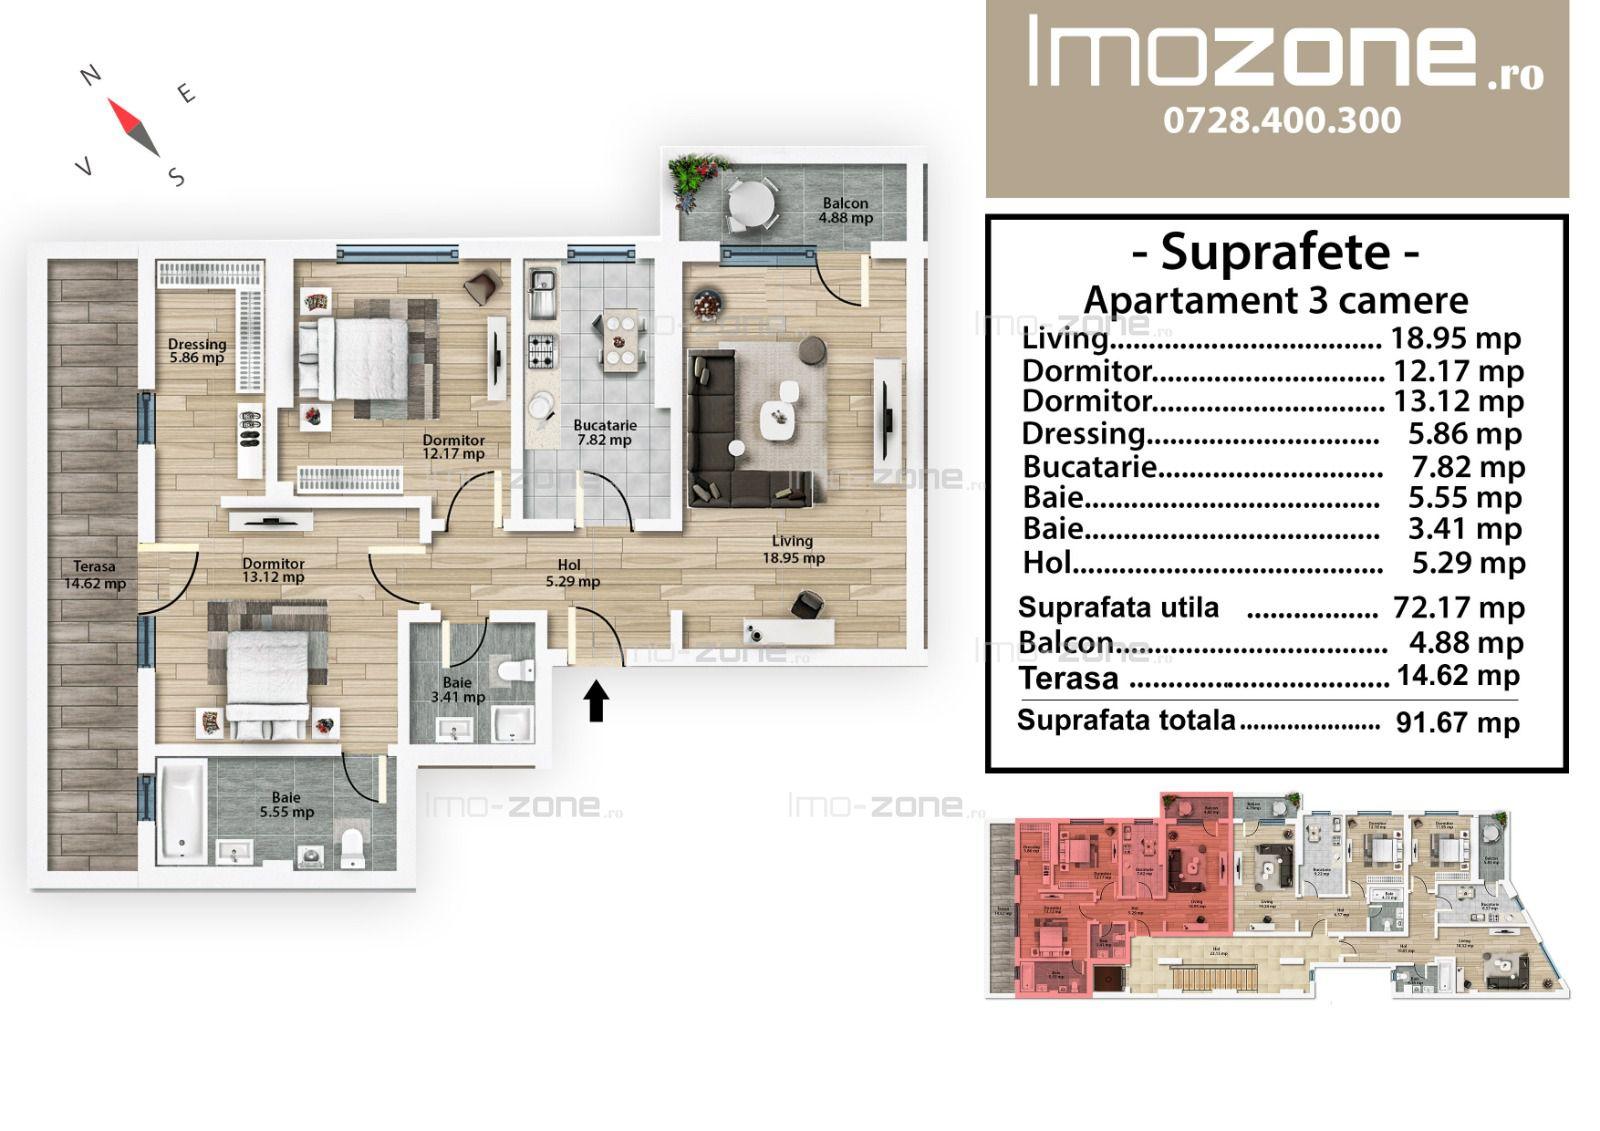 Mall Plaza, 3 camere, dec, etaj 5, dormitor matrimonial, geam baie, metrou 9 min